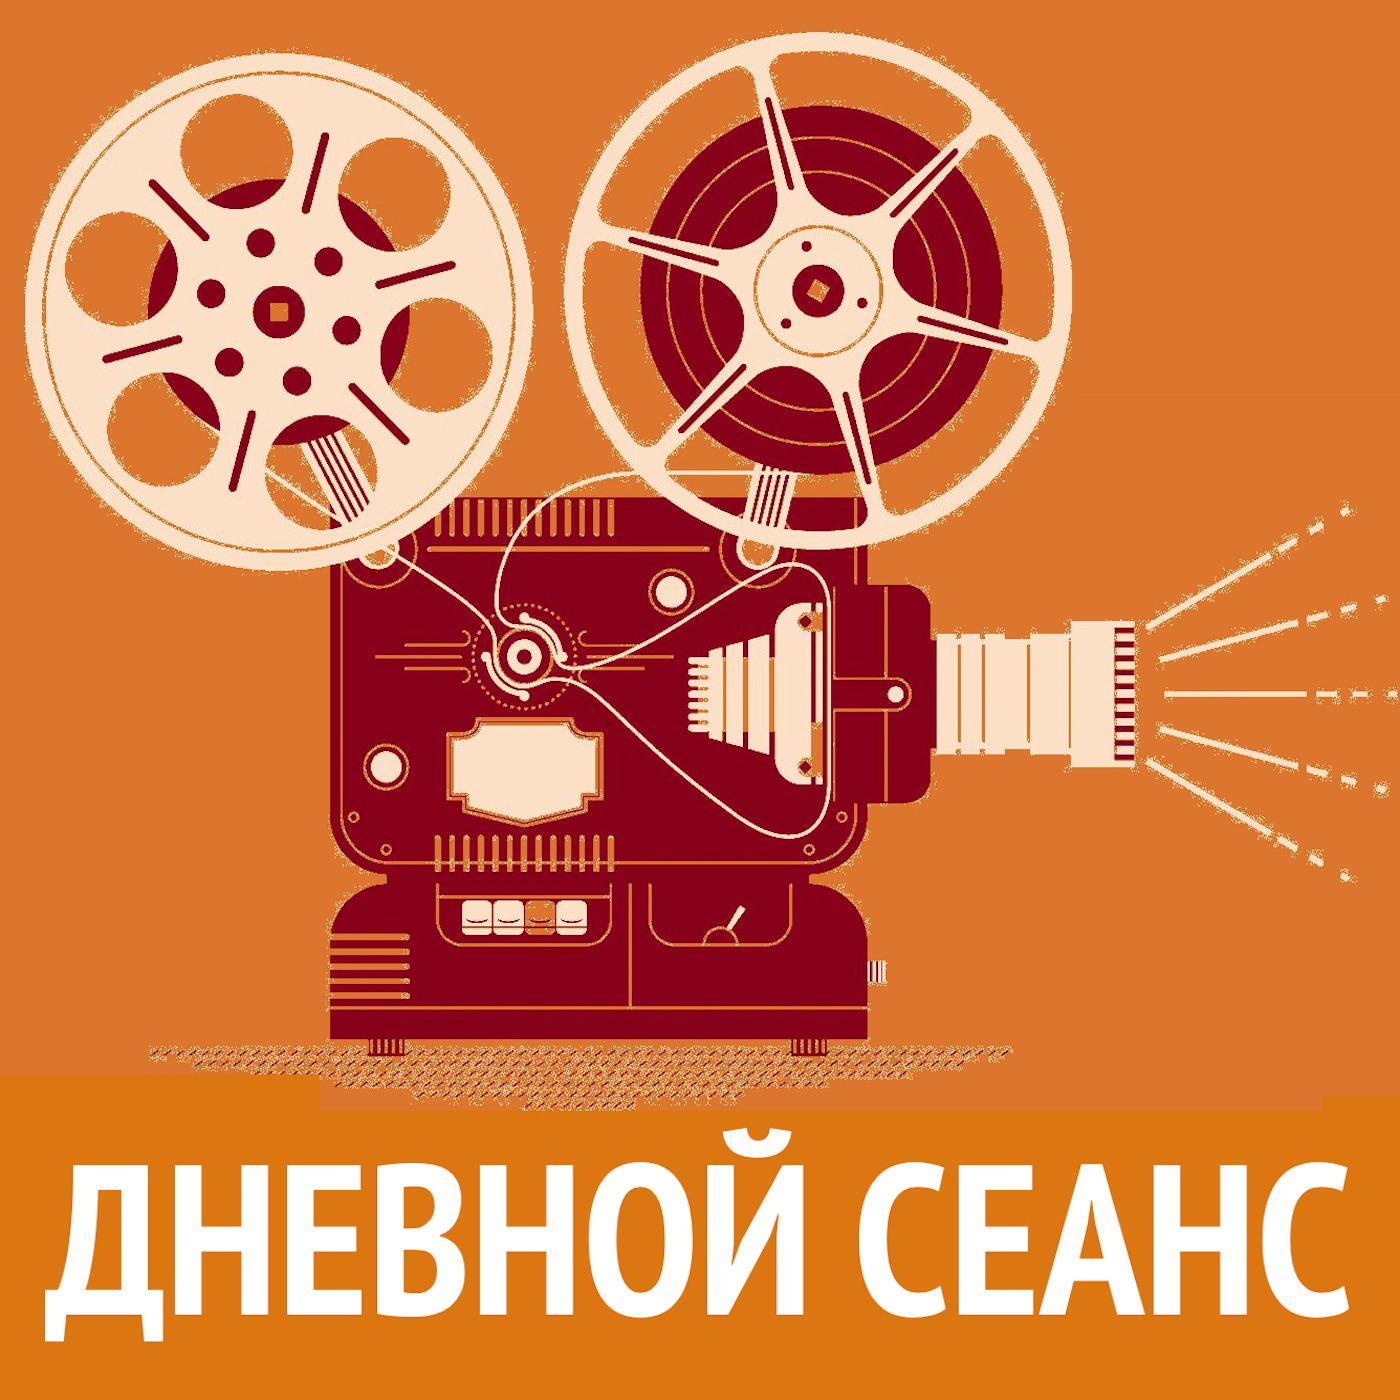 Илья Либман Осторожно, пришельцы! Рассказывает гость программы Дневной сеанс- уфолог. сеанс guide российские фильмы 2007 года